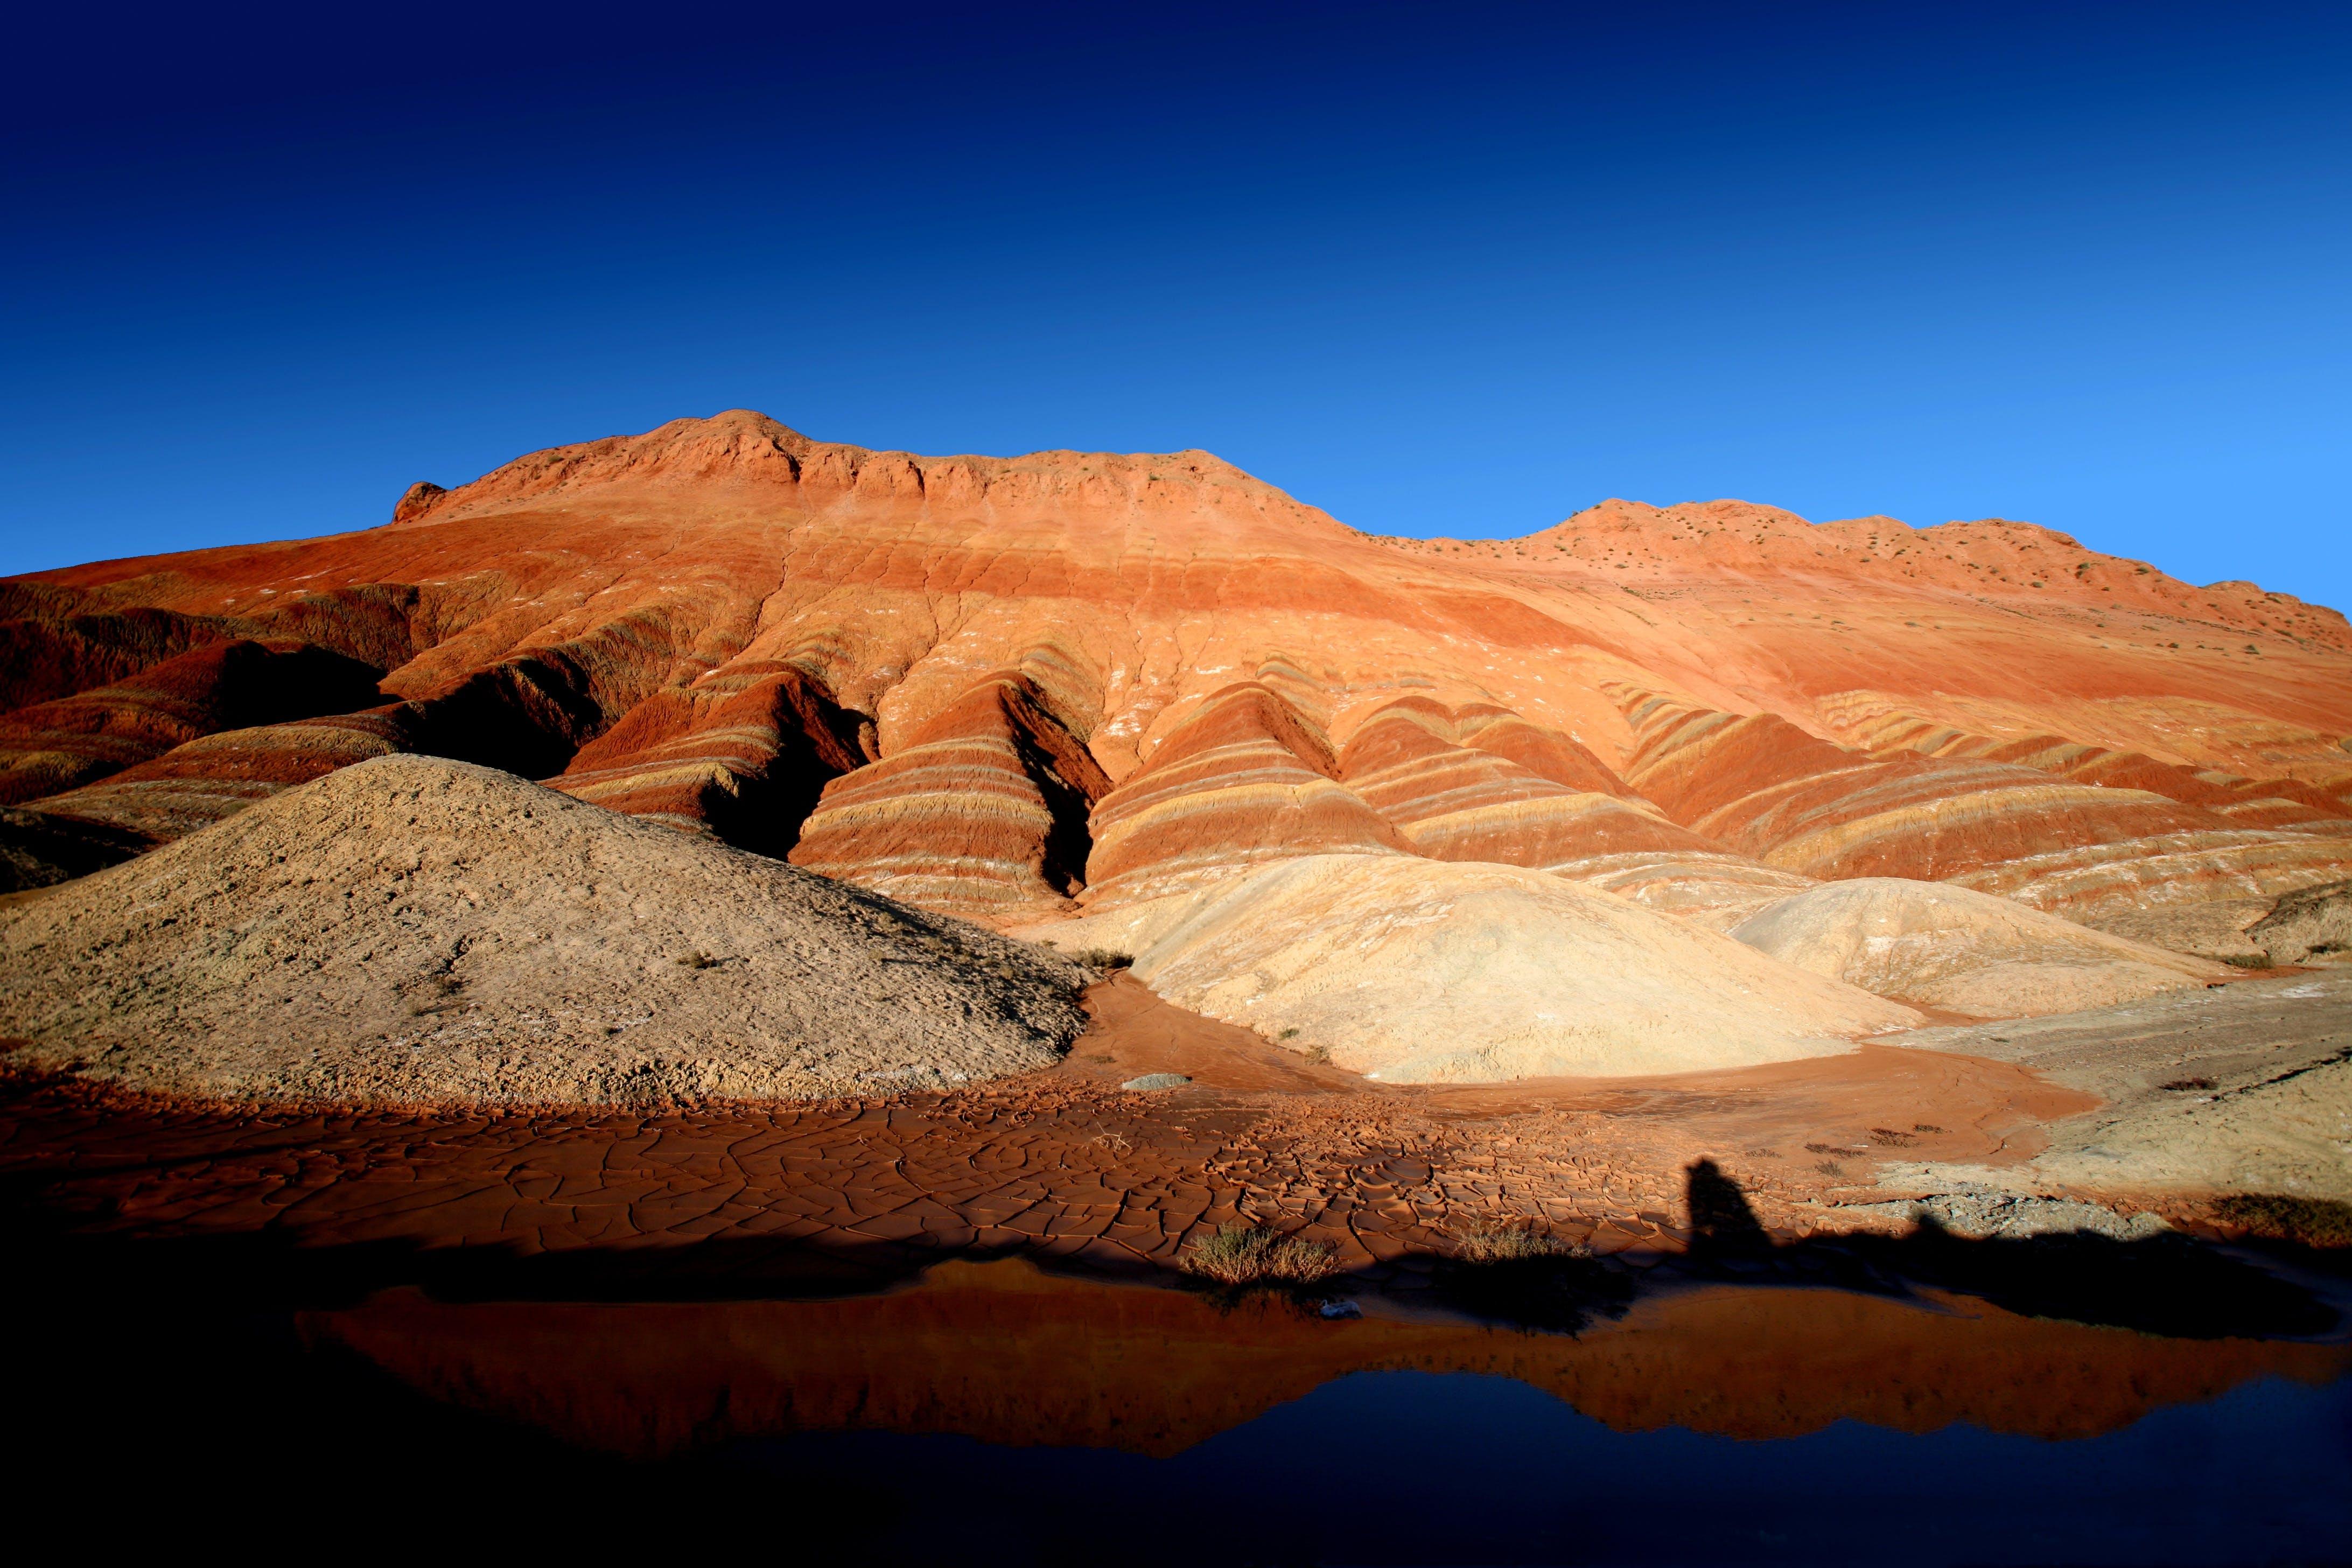 乾的, 天性, 景觀, 沙漠 的 免費圖庫相片